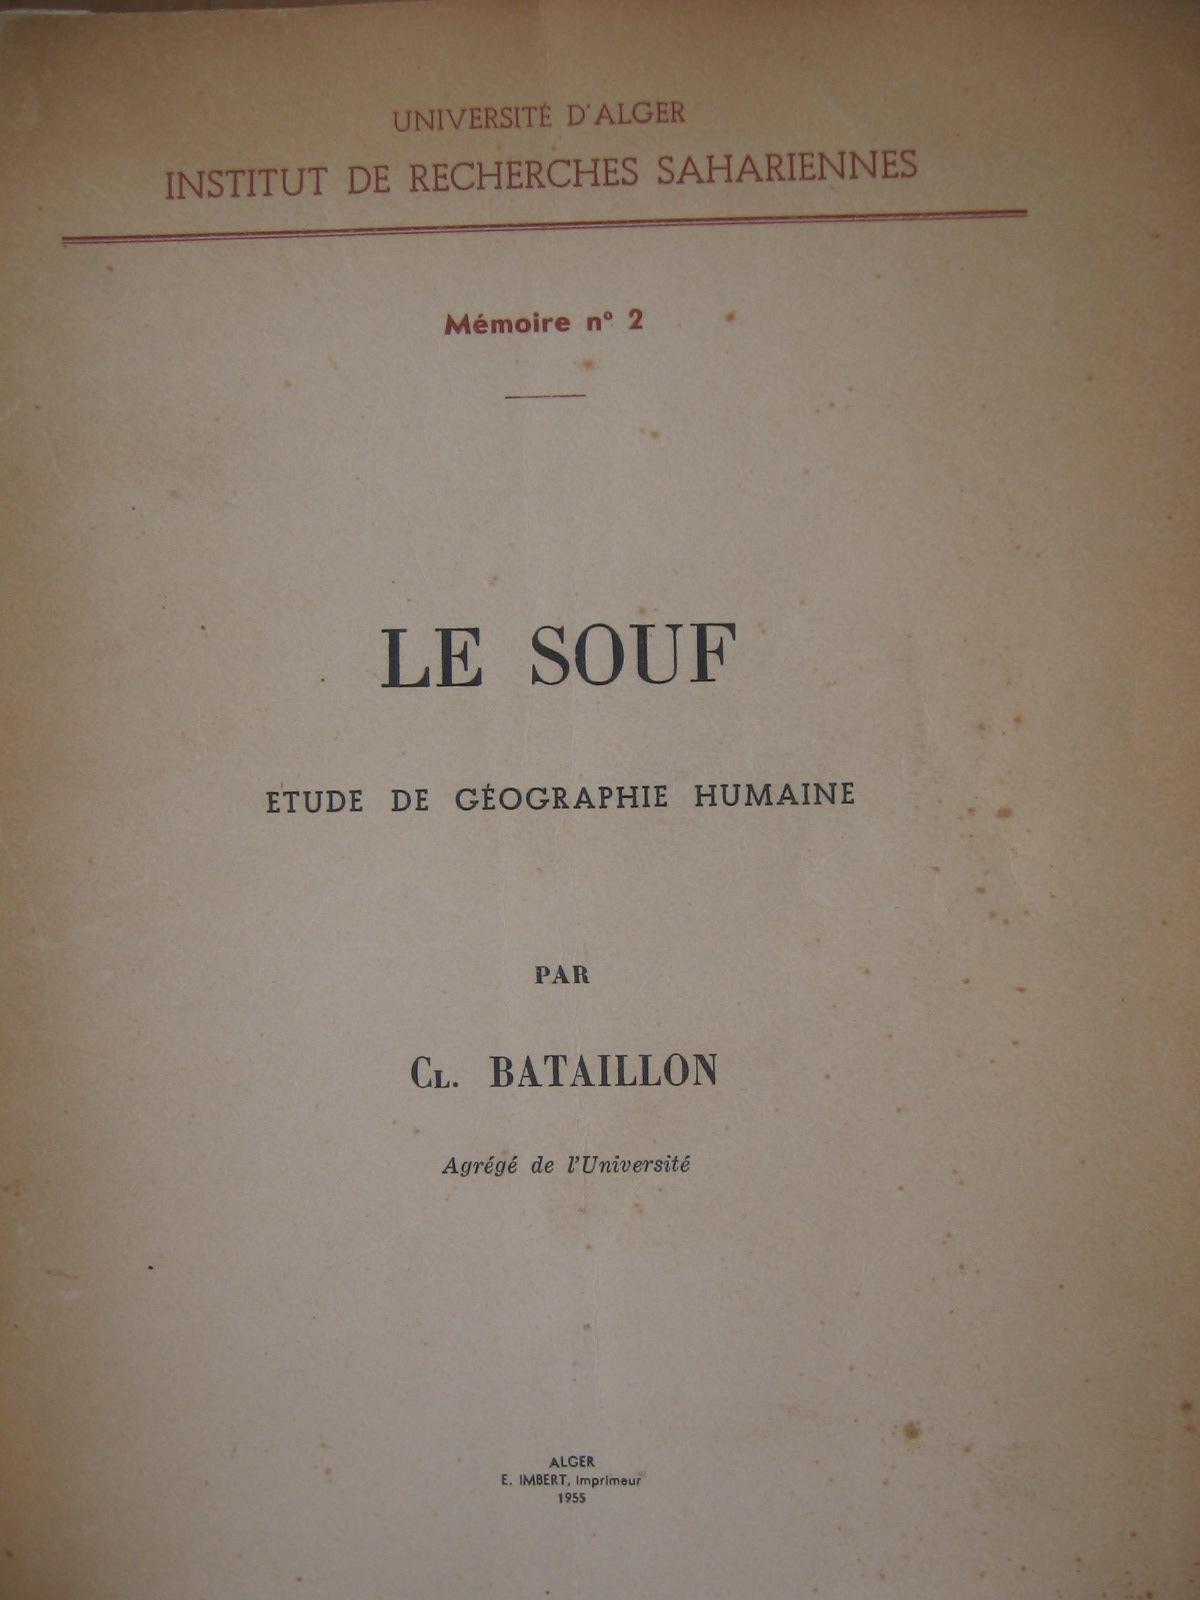 couverture du livre de 1955 d'où proviennent les extraits publiés